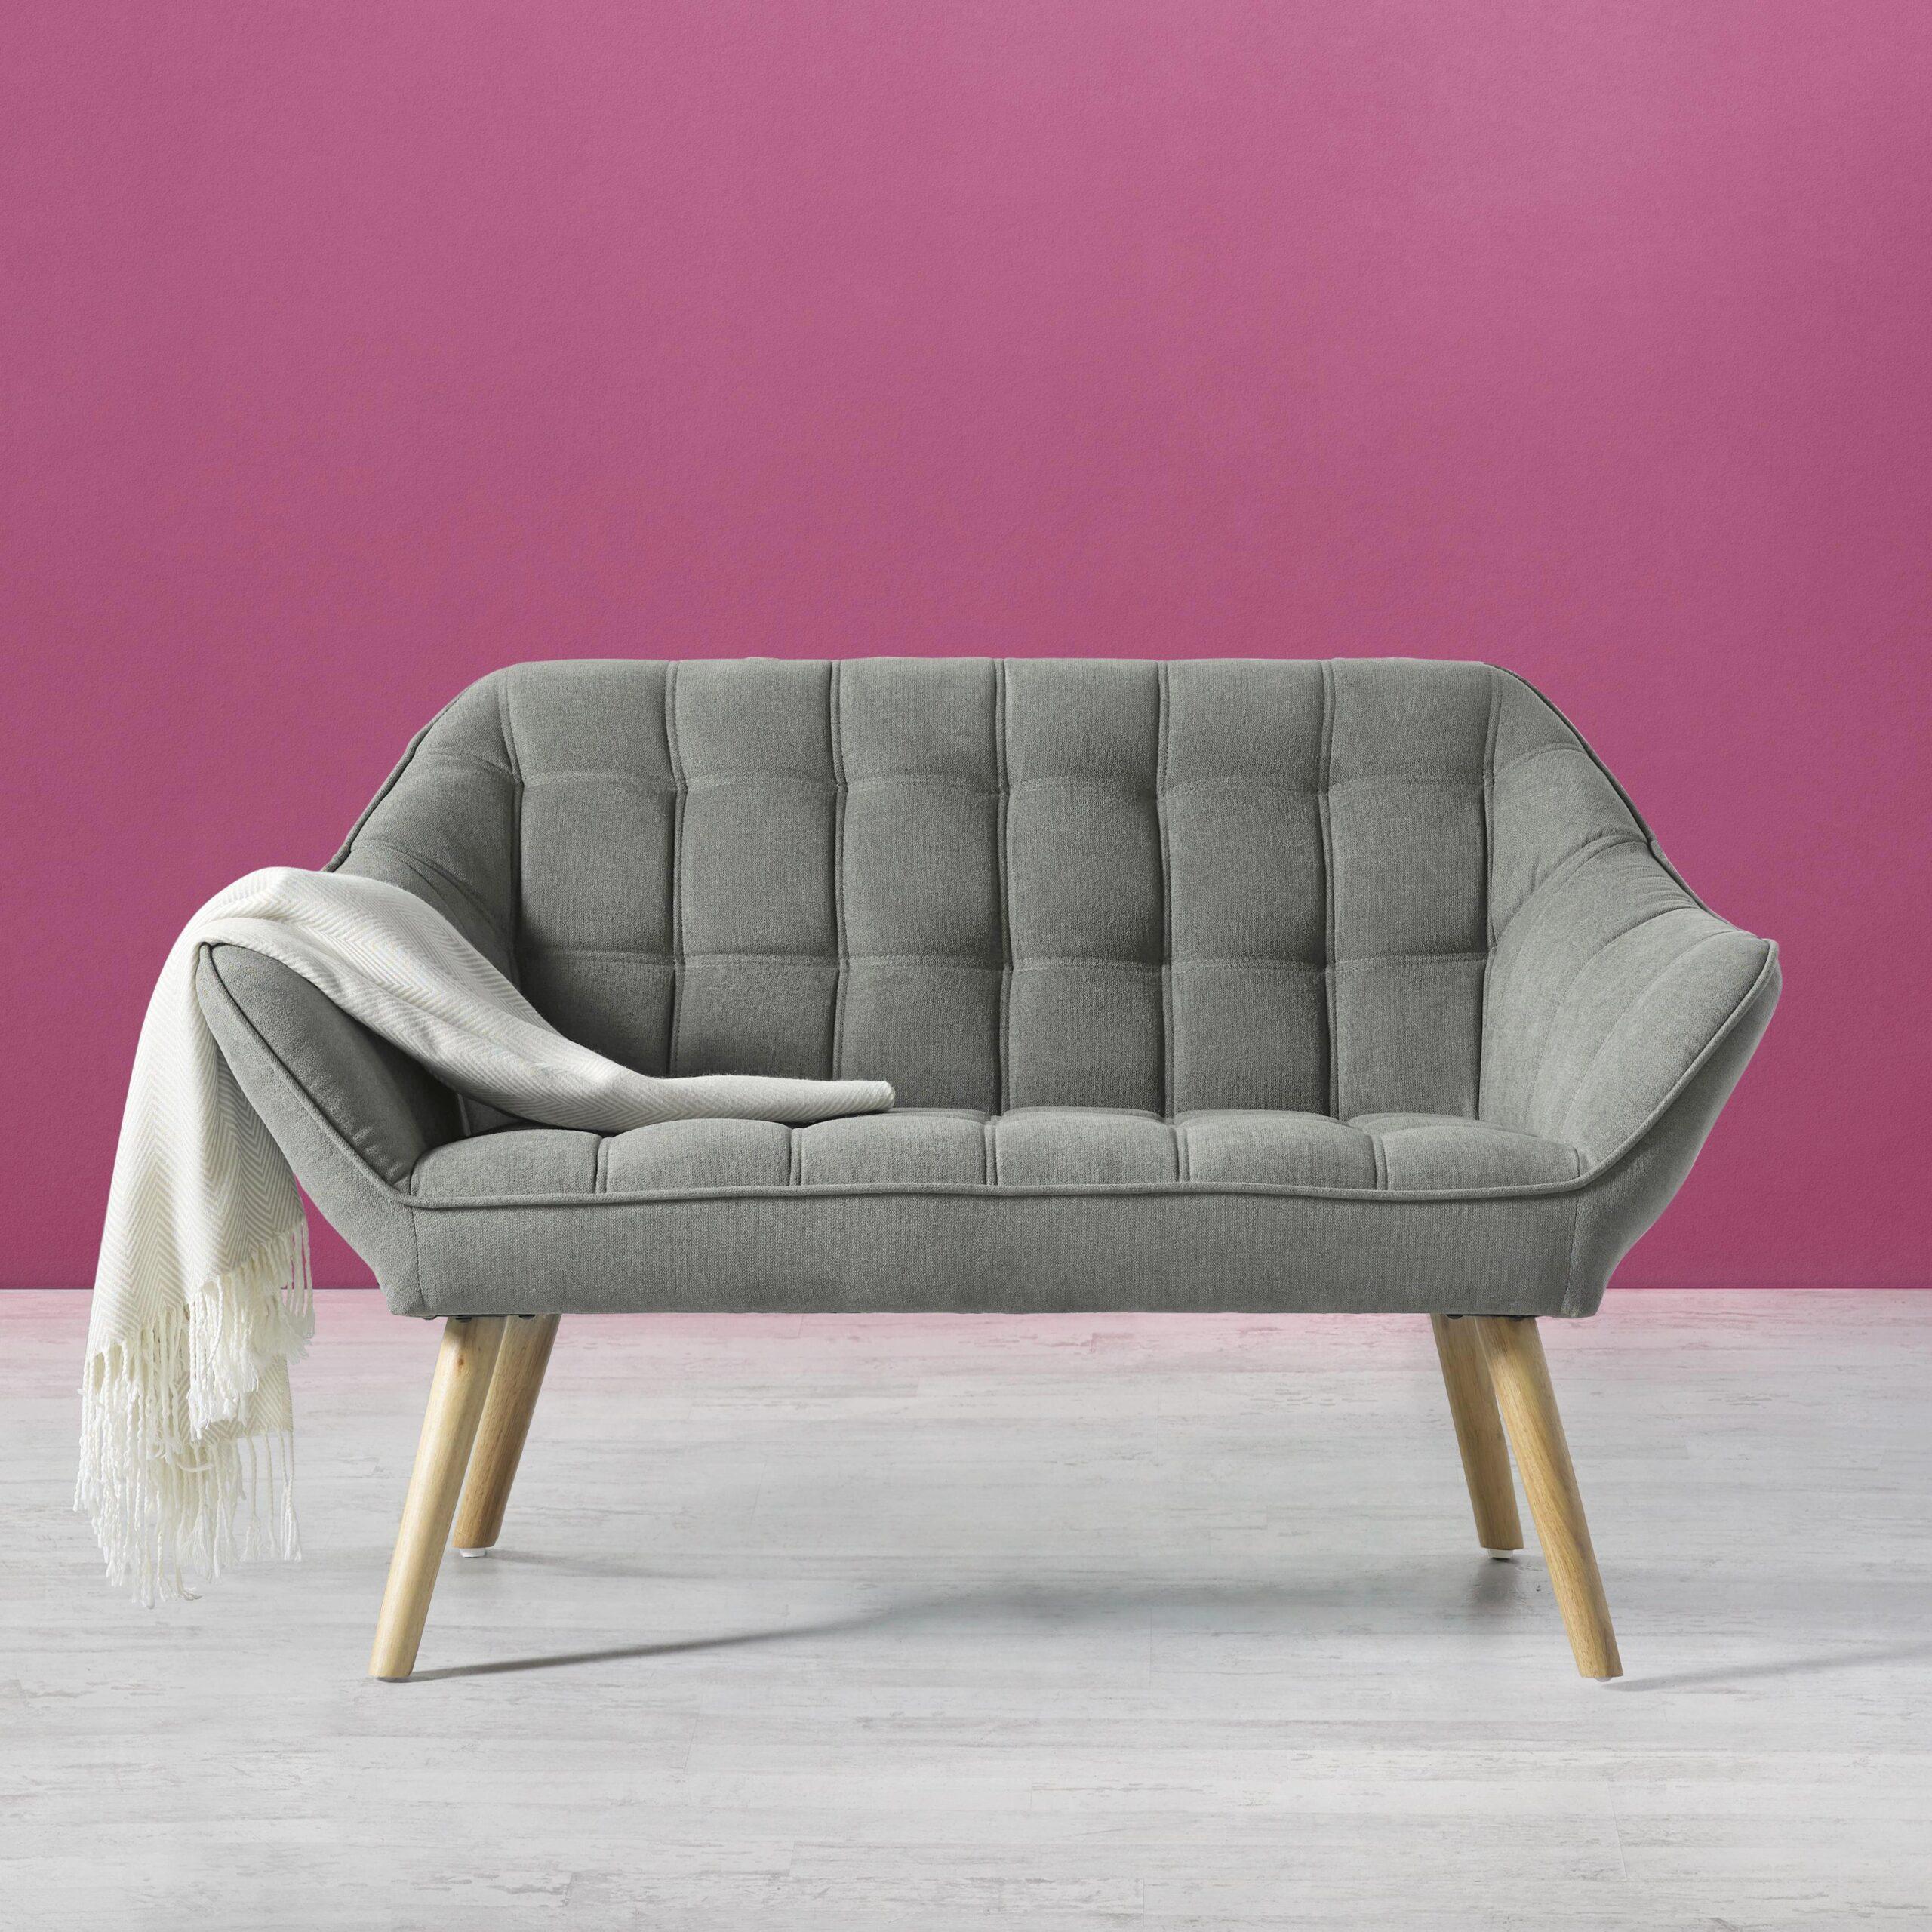 Full Size of Sofa In Grau Monique Online Kaufen Mmax Big Mit Schlaffunktion Chesterfield 2 Sitzer Relaxfunktion Langes Verstellbarer Sitztiefe Leder Bettkasten L Form Sofa Sofa Zweisitzer